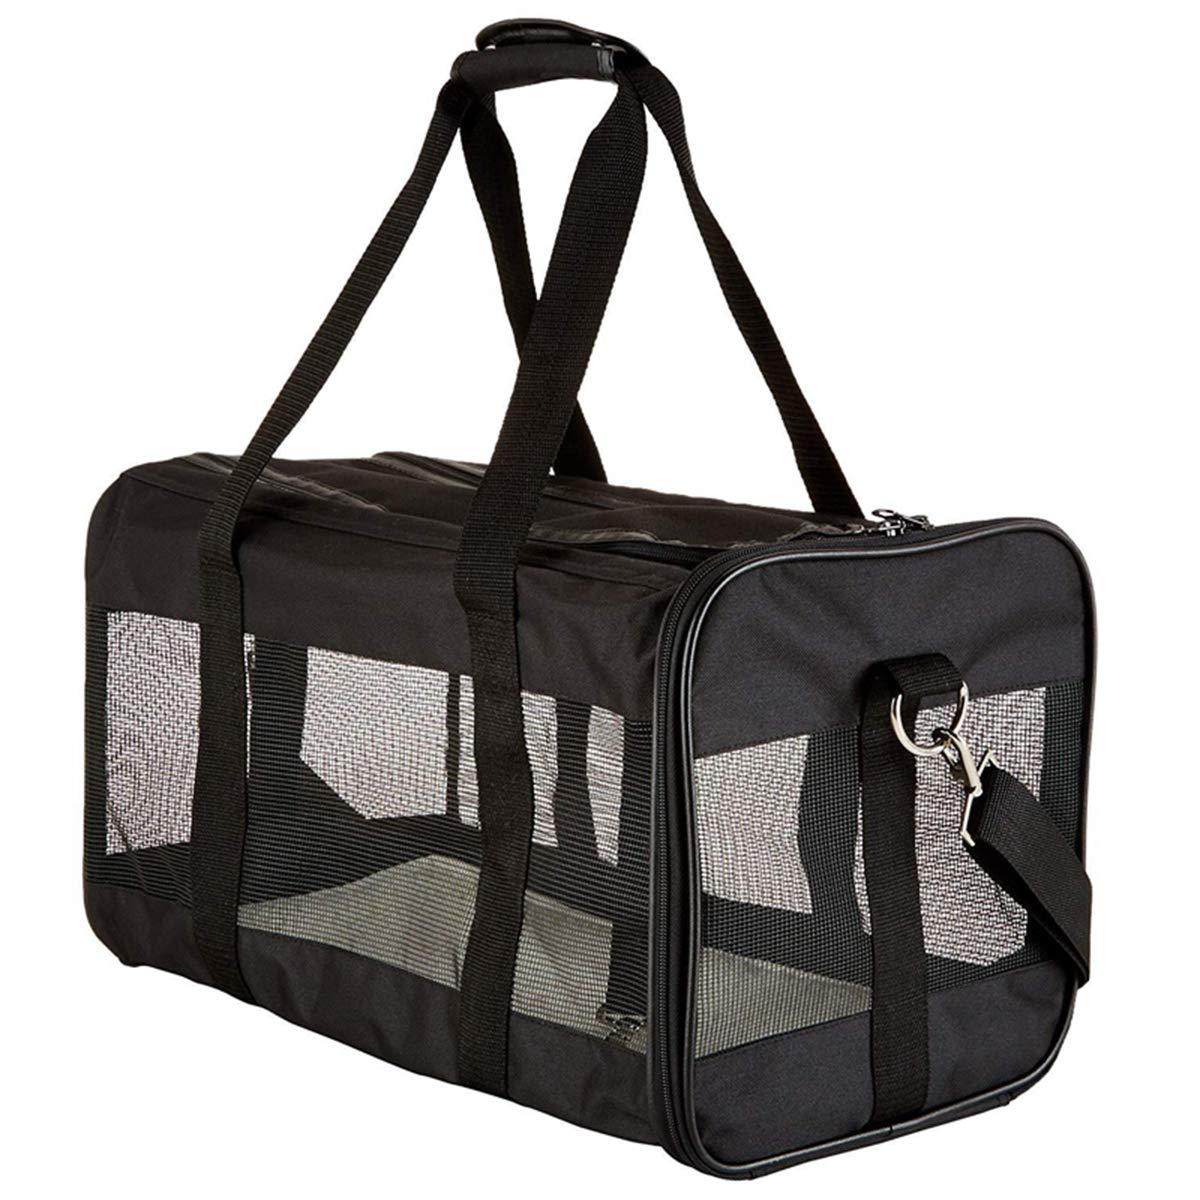 Black 432426cm Black 432426cm Lightweight Pet Carrier Crate,Shoulder Travel Bag Outdoor Pouch Mesh Shoulder Carry Bag Tote Handbag,Black,43  24  26cm